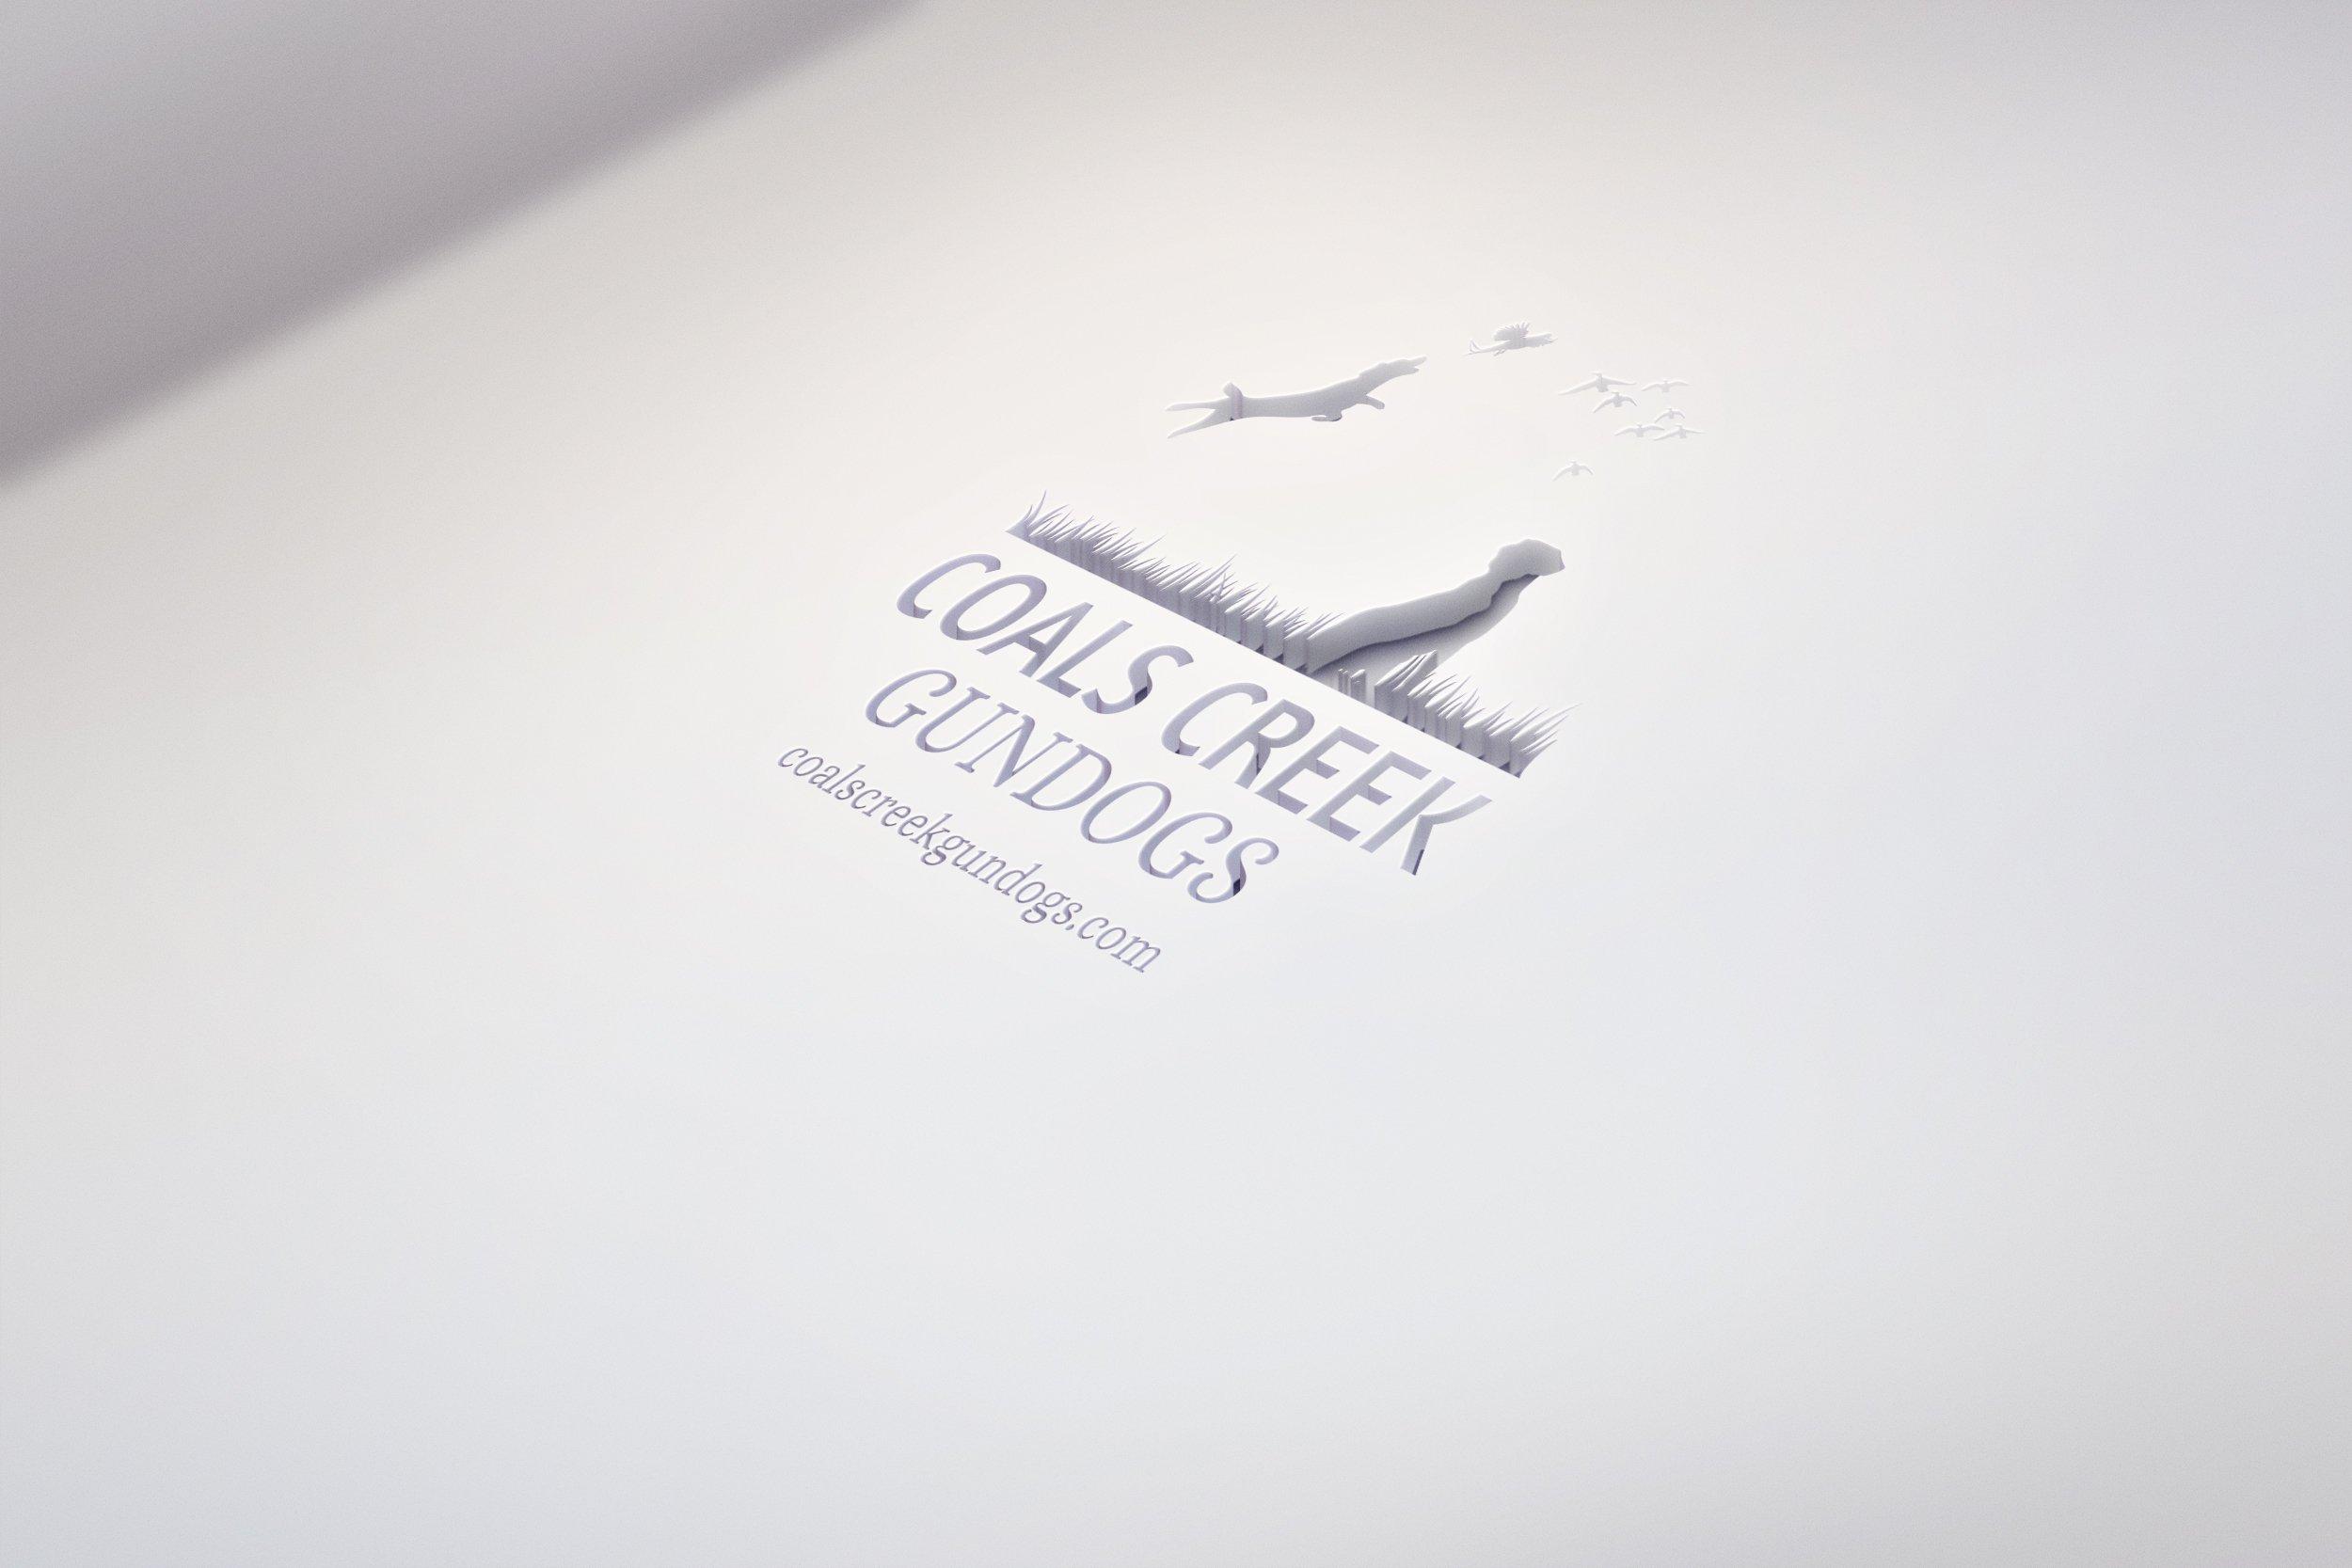 Logo-Coals-Creek